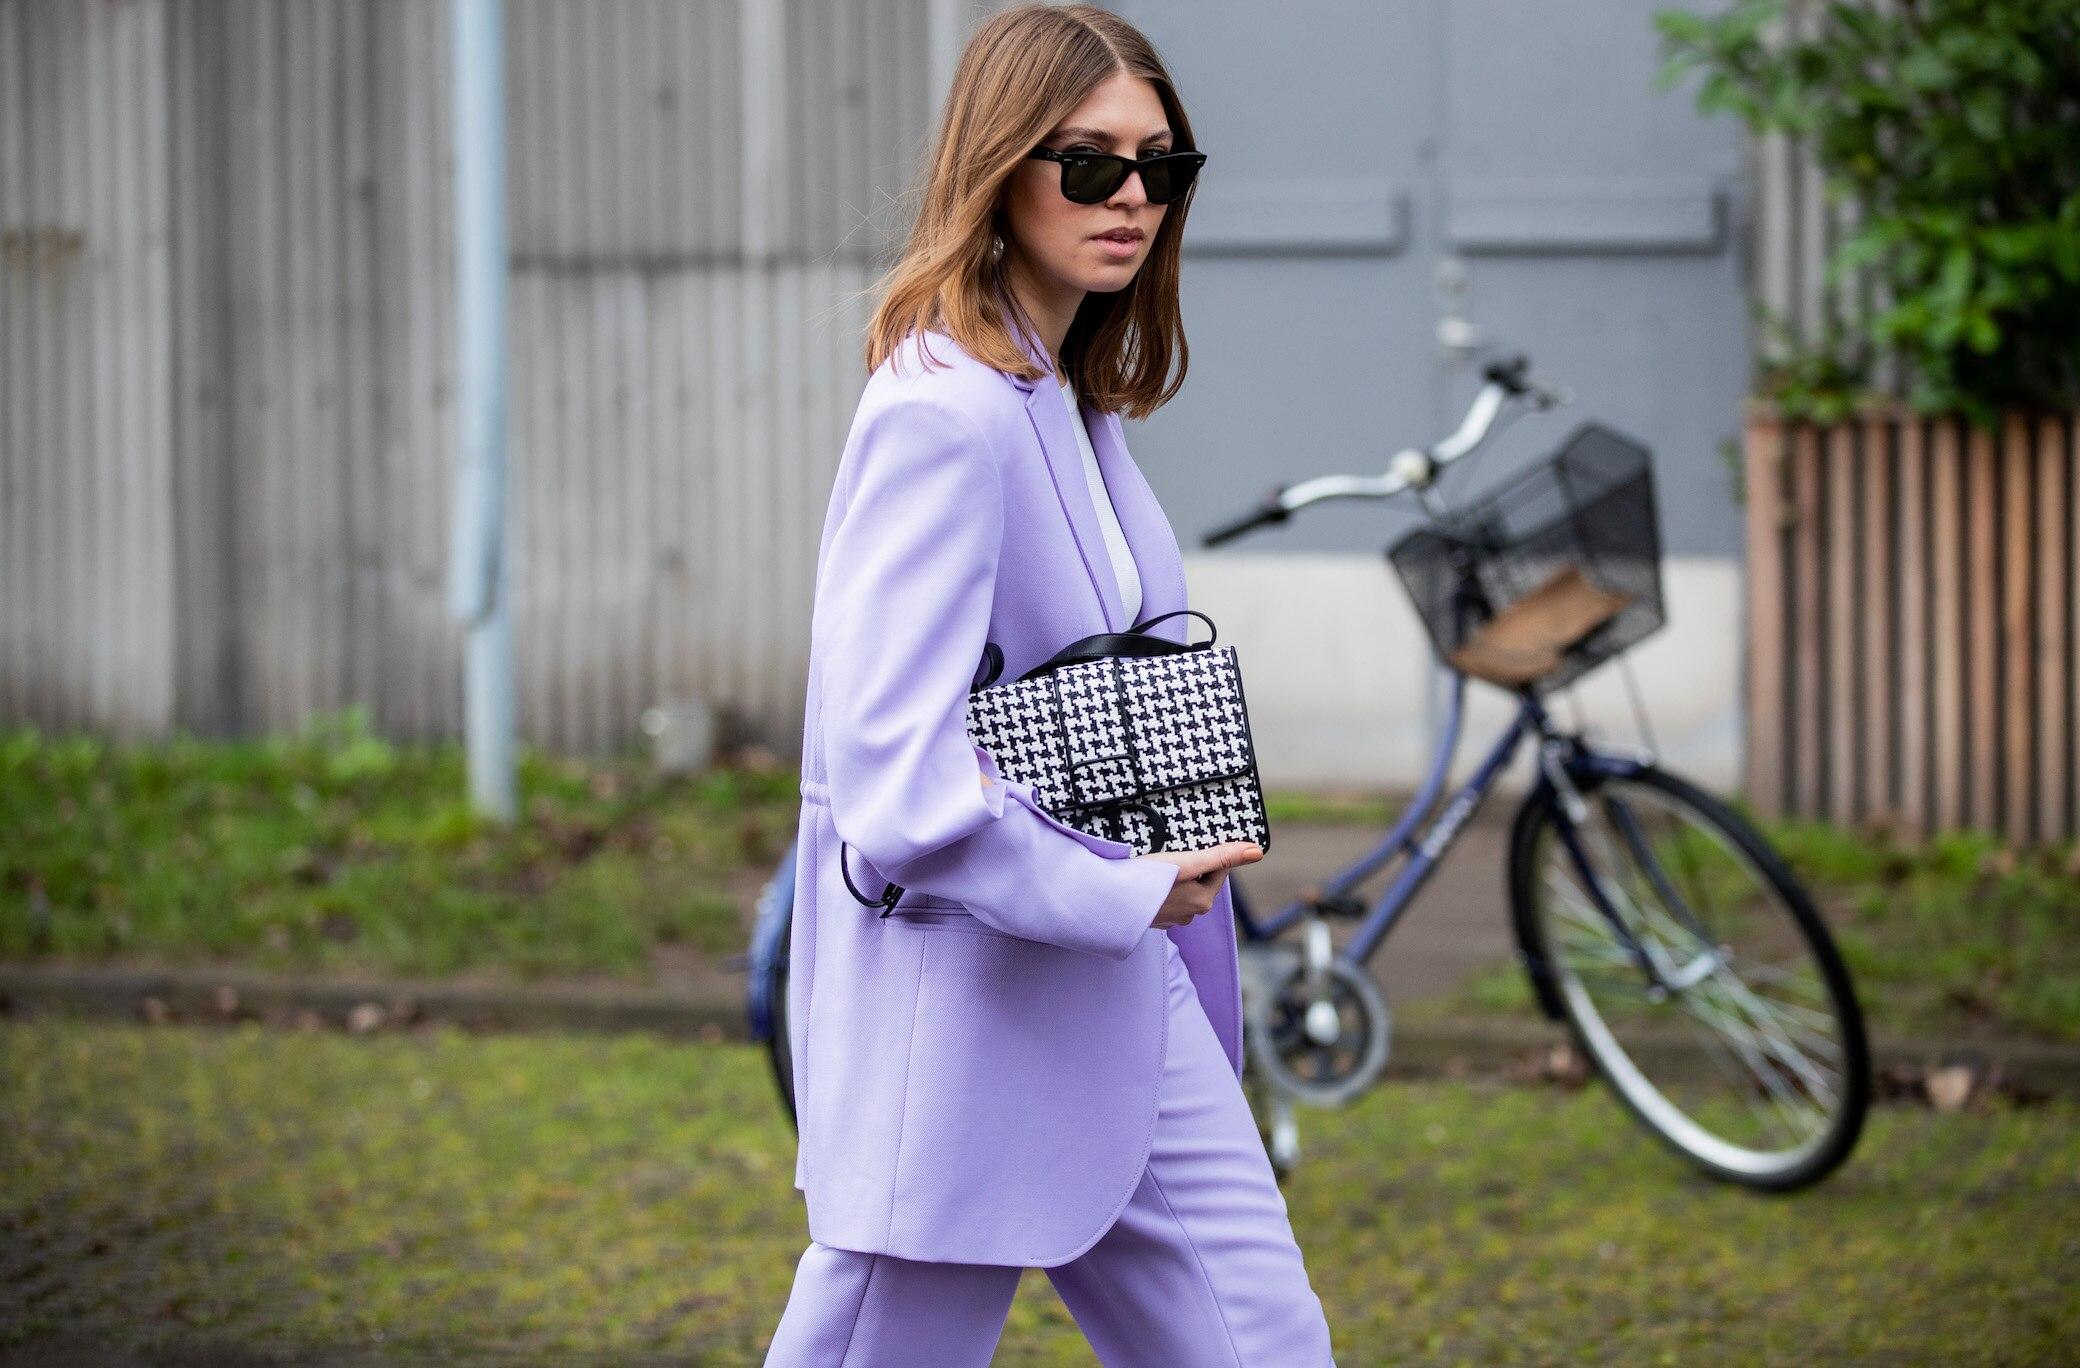 Frau in Lavendel-farbenem Anzug